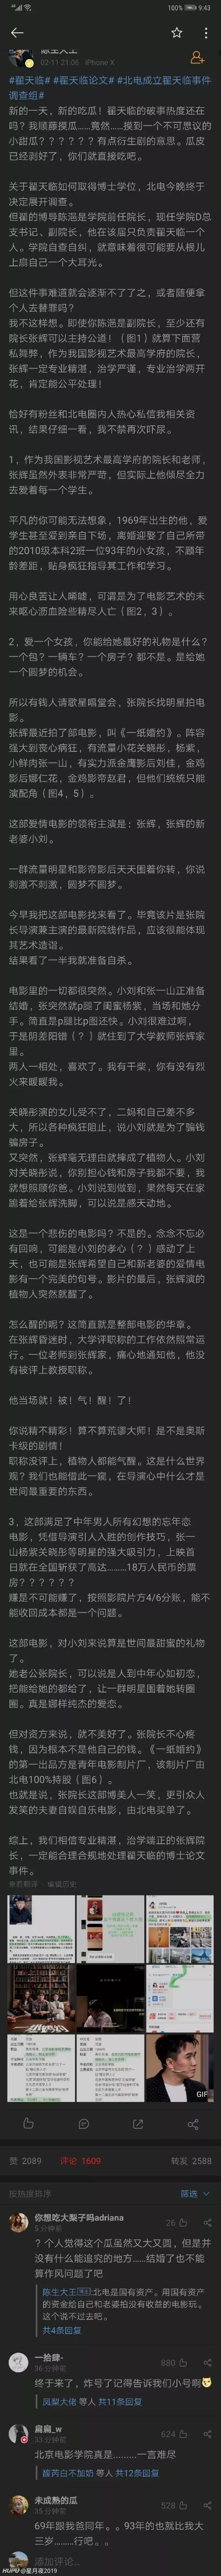 曝北電院長張輝娶學生事件完整解析 一紙婚姻劉熙陽究竟是誰